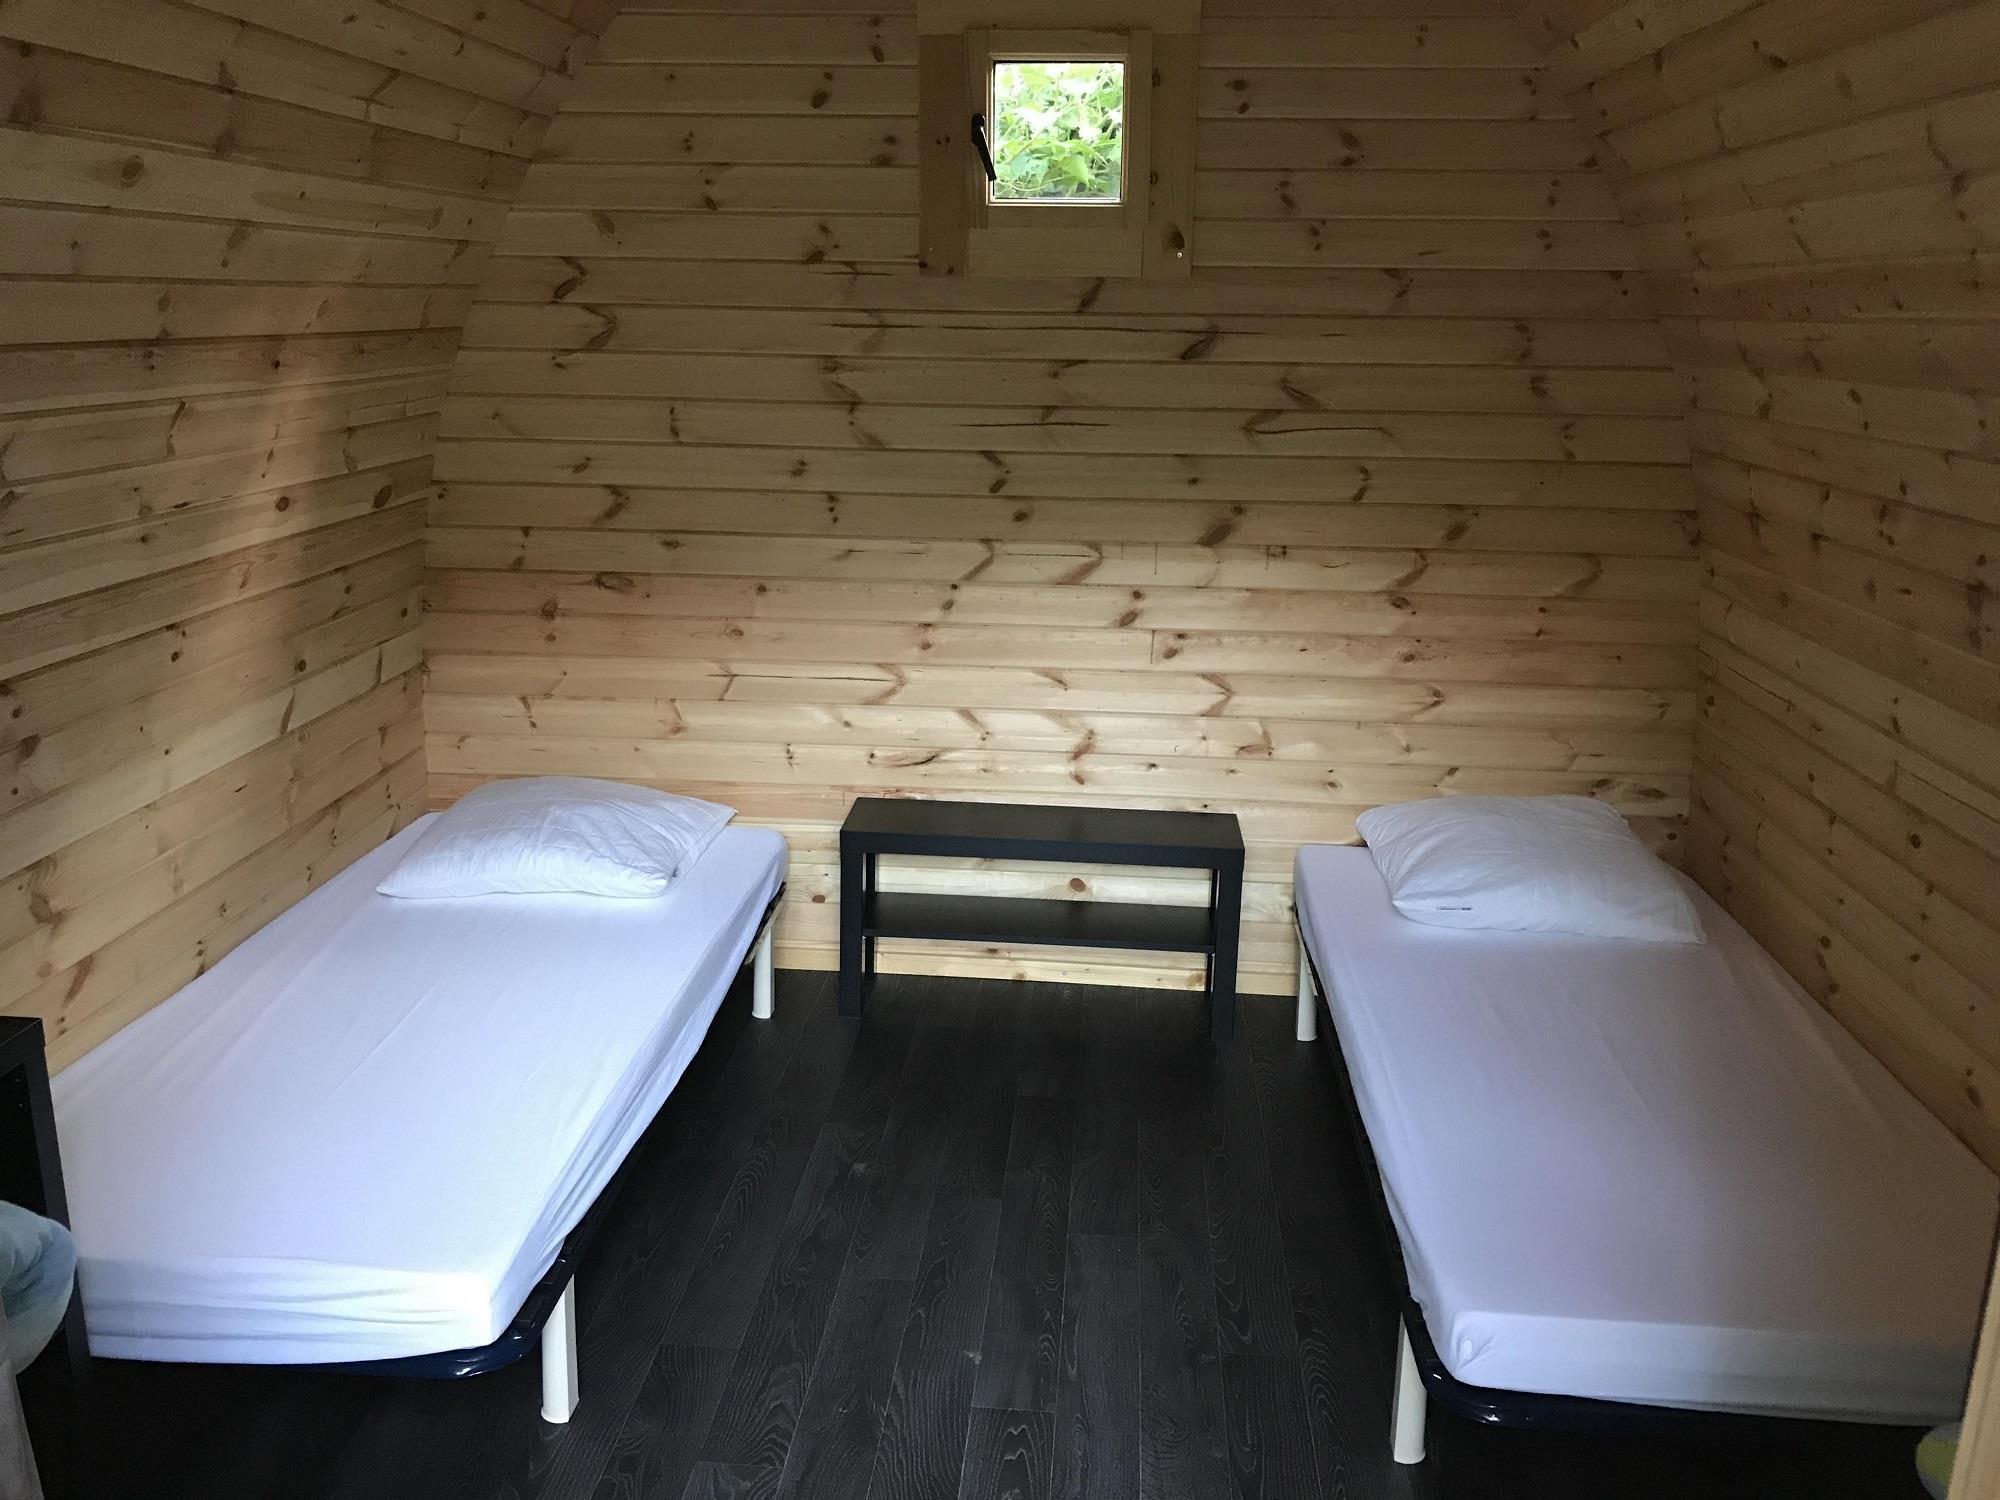 Chambre sans sanitaire